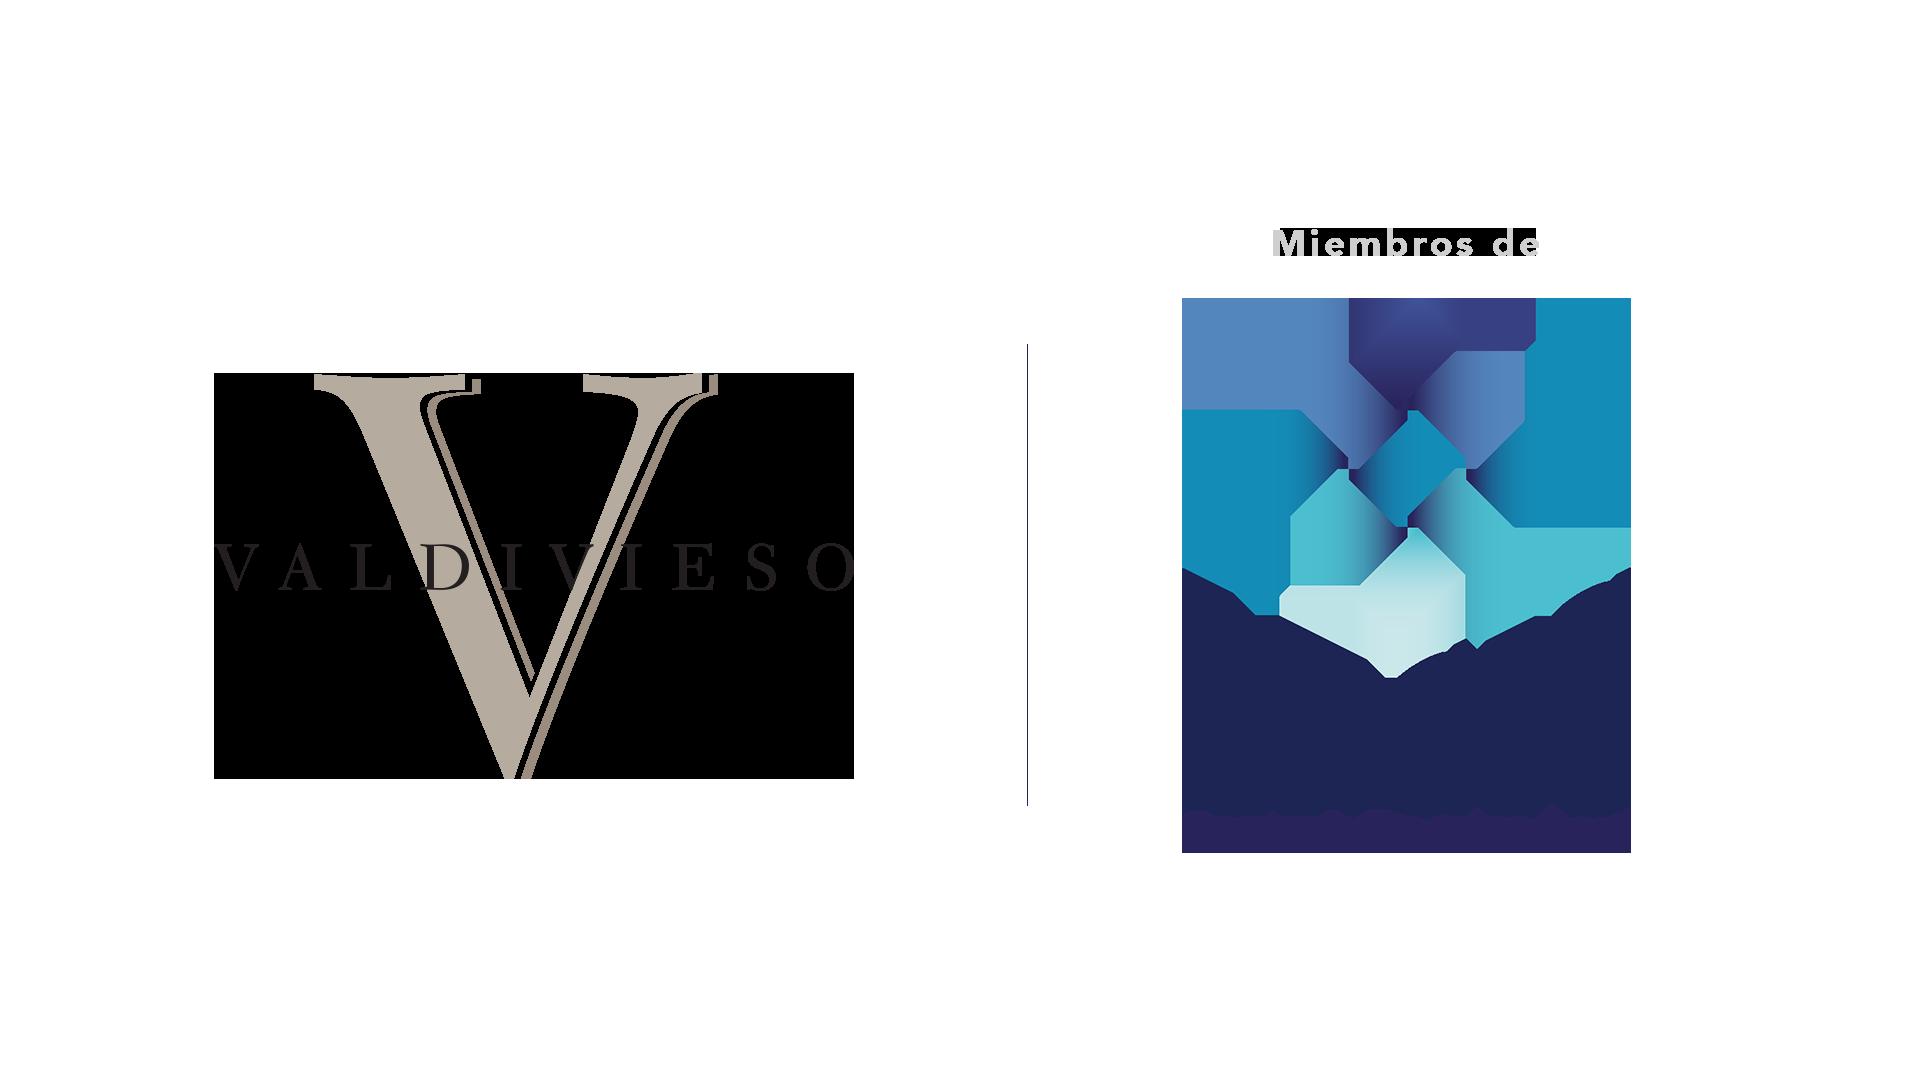 LEGIC El Salvador (Valdivieso & Asociados) logo